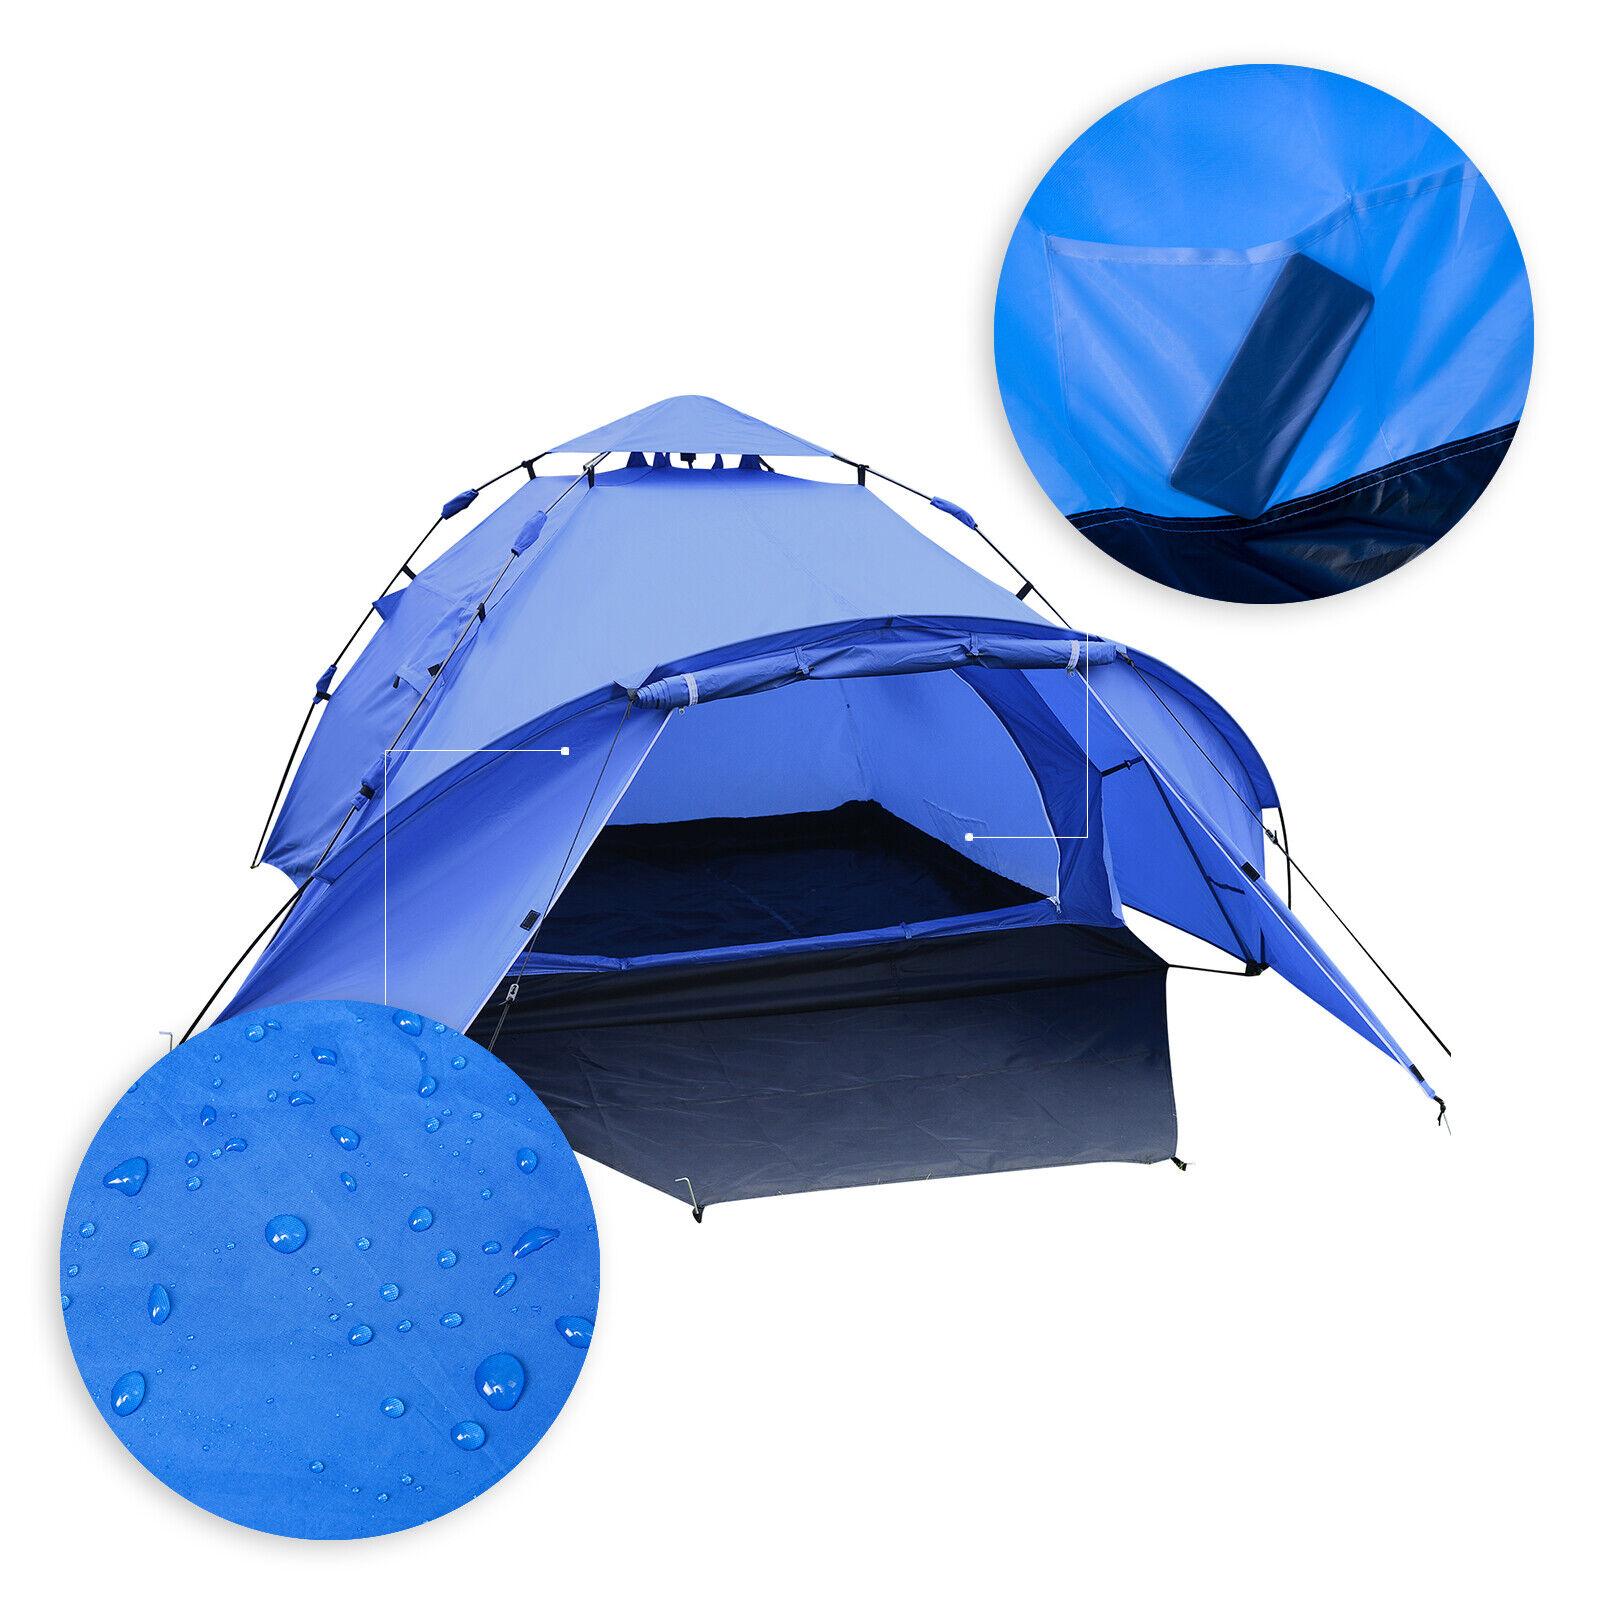 Campingzelt 3-4 Personen Schnellaufbau Zelt wasserdicht 300x220x150cm CPZ8144bl